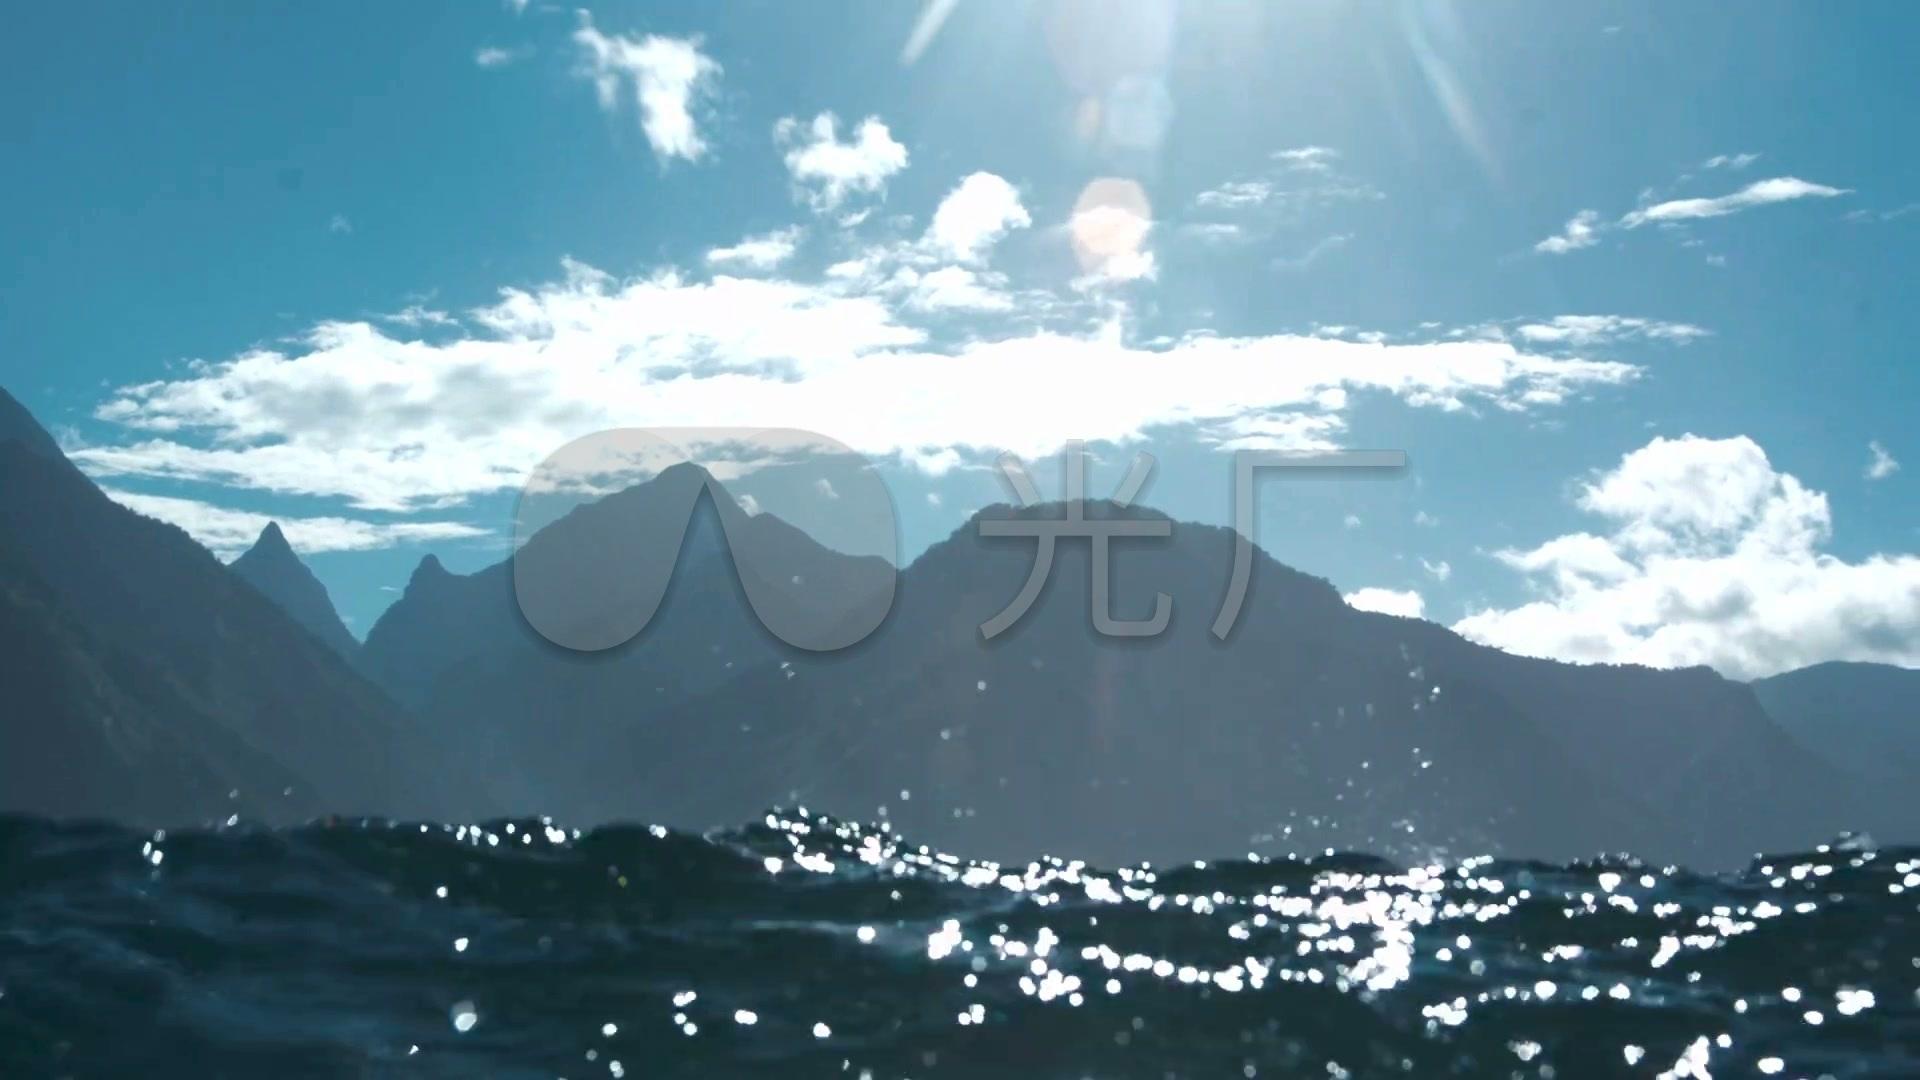 超帅摩托车高清冲浪_1920X1080_气垫滑板素美视频视频妆图片